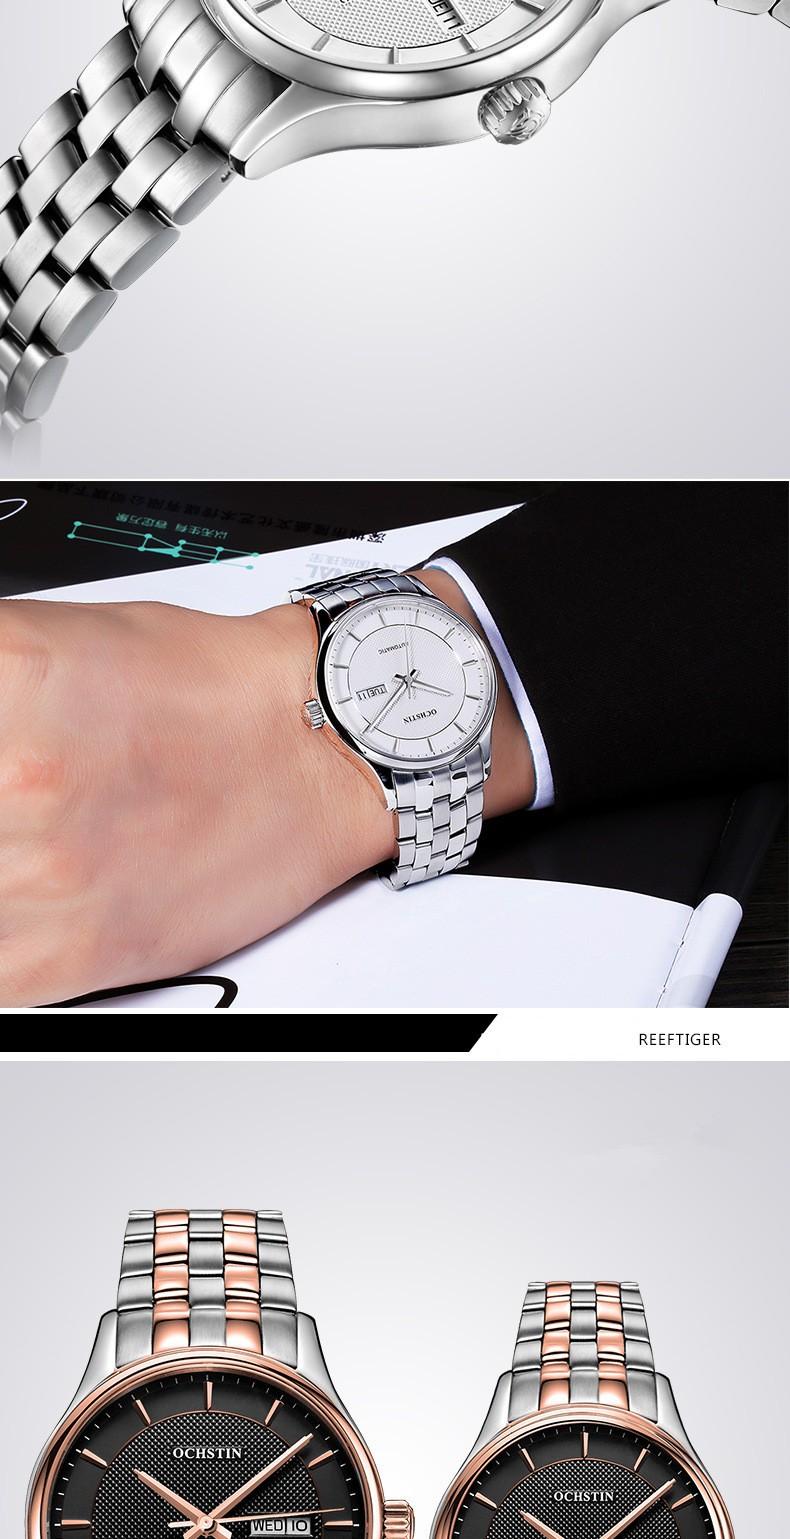 2016 Общество С Ограниченной Ochstin Механические Часы Мужчины Дата День Наручные Мужские Часы Relogio Masculino Роскошные Мода Повседневная женские Наручные